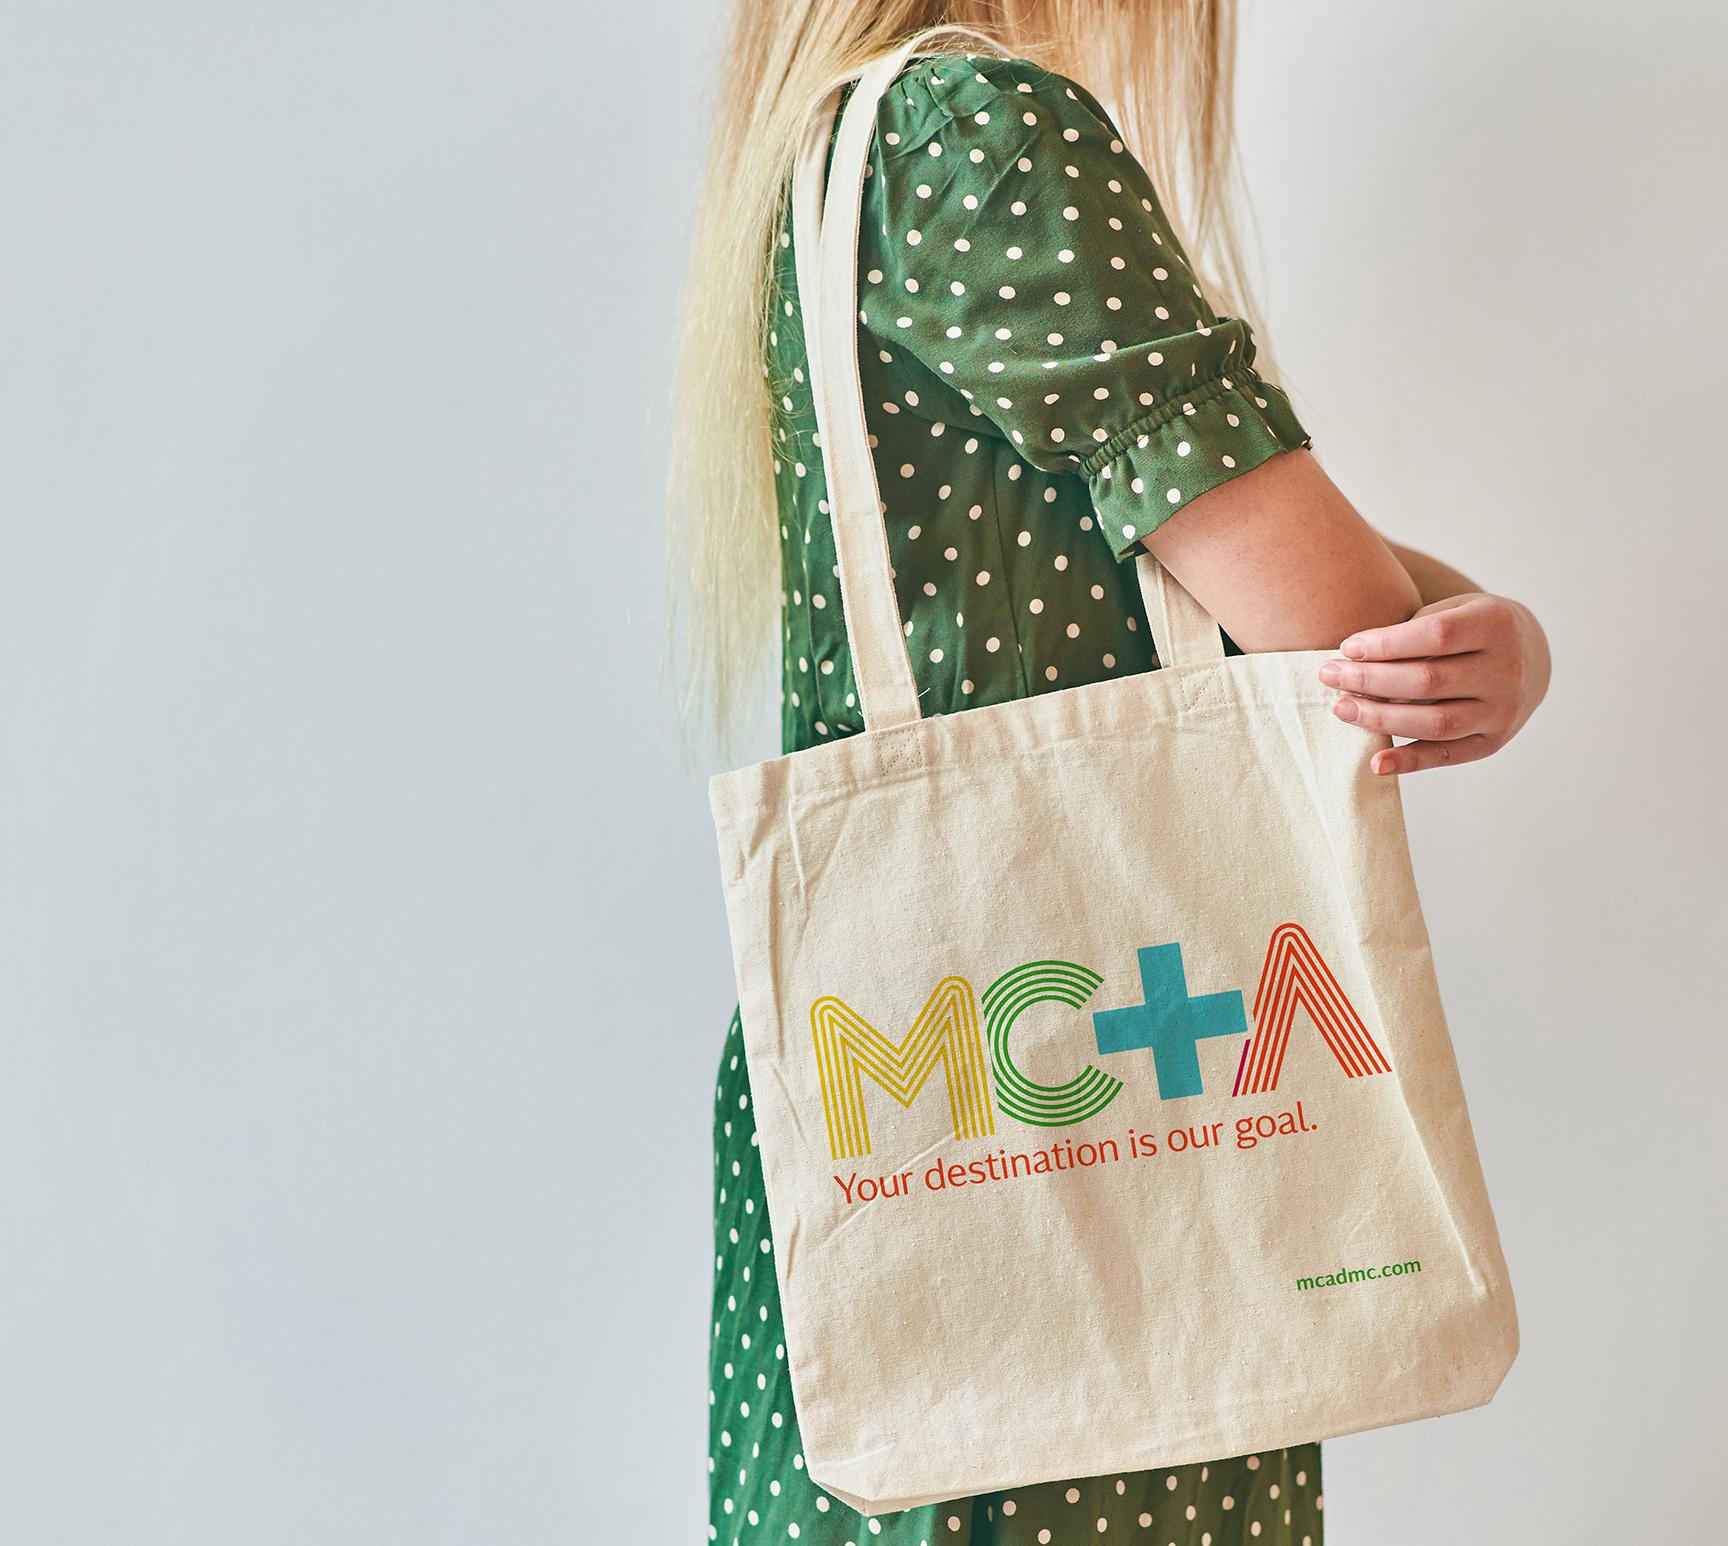 mca_006